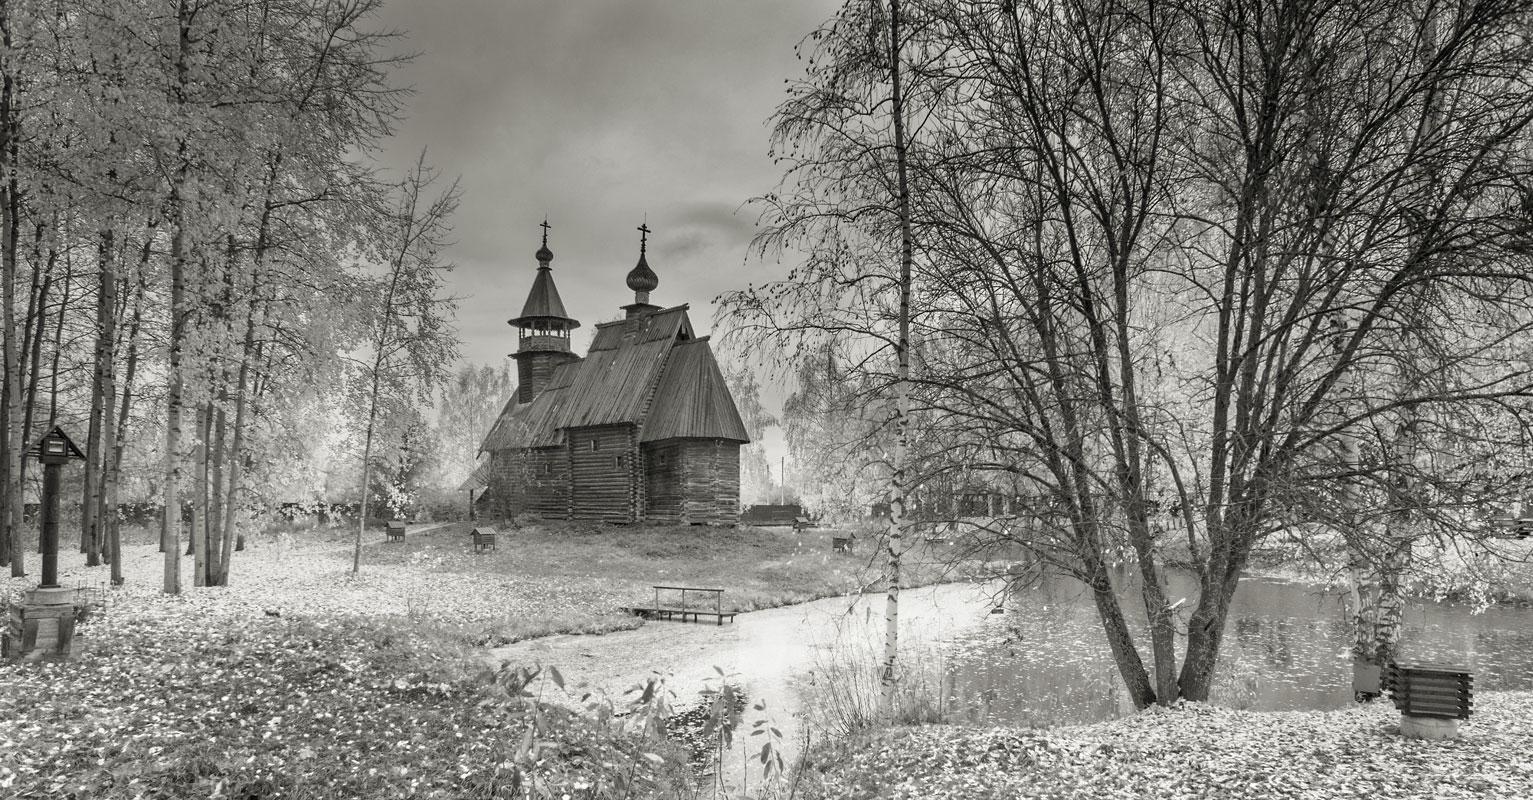 Кострома, © Юрий Притиск, Россия, Фильтр: нейтральный (ND), Фотоконкурс Marumi «Городской пейзаж со светофильтром»